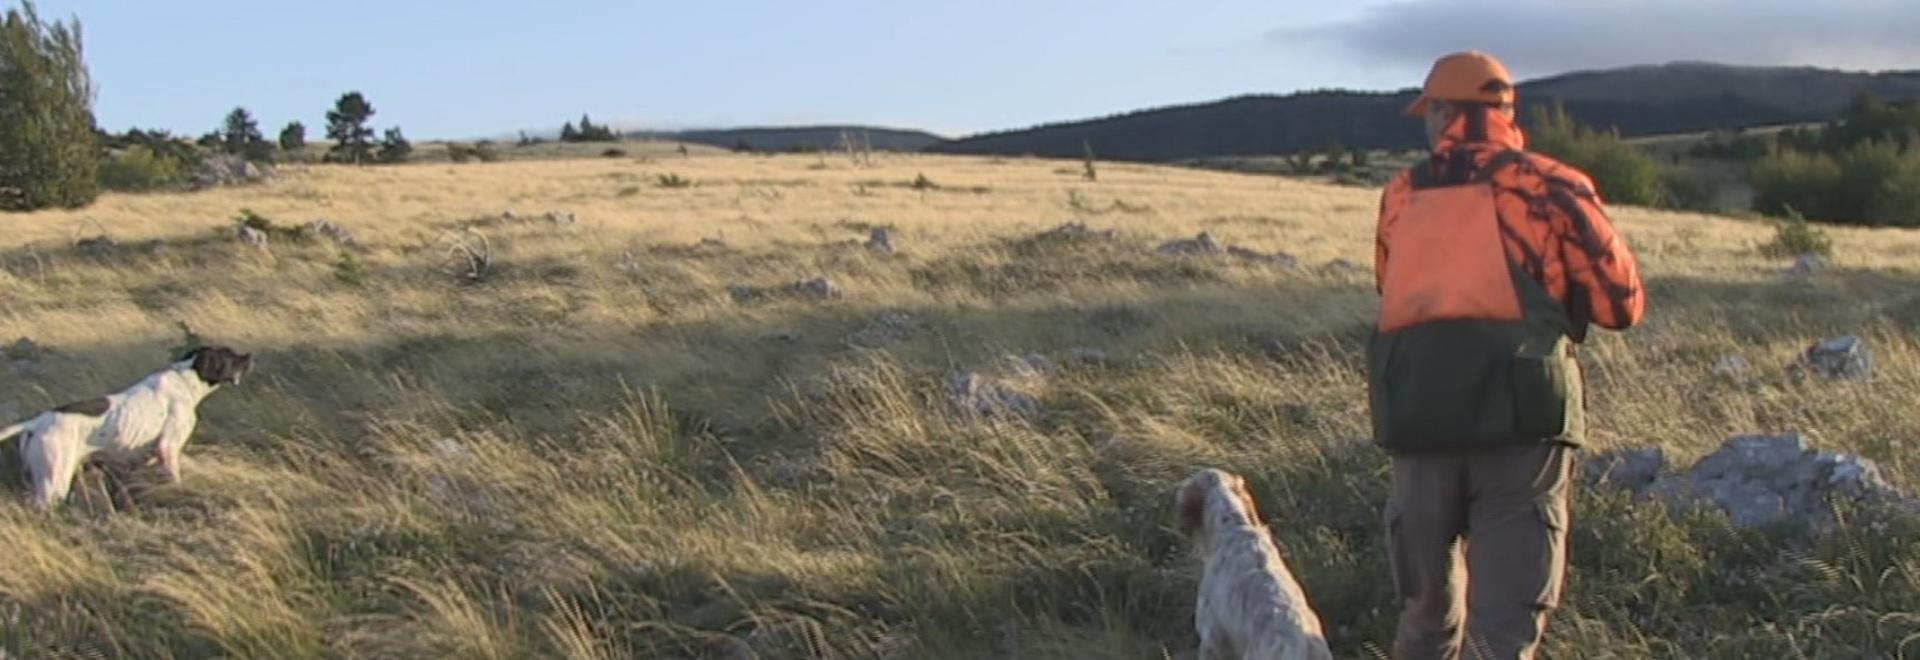 Caccia alla beccaccia in Estonia: secondo giorno